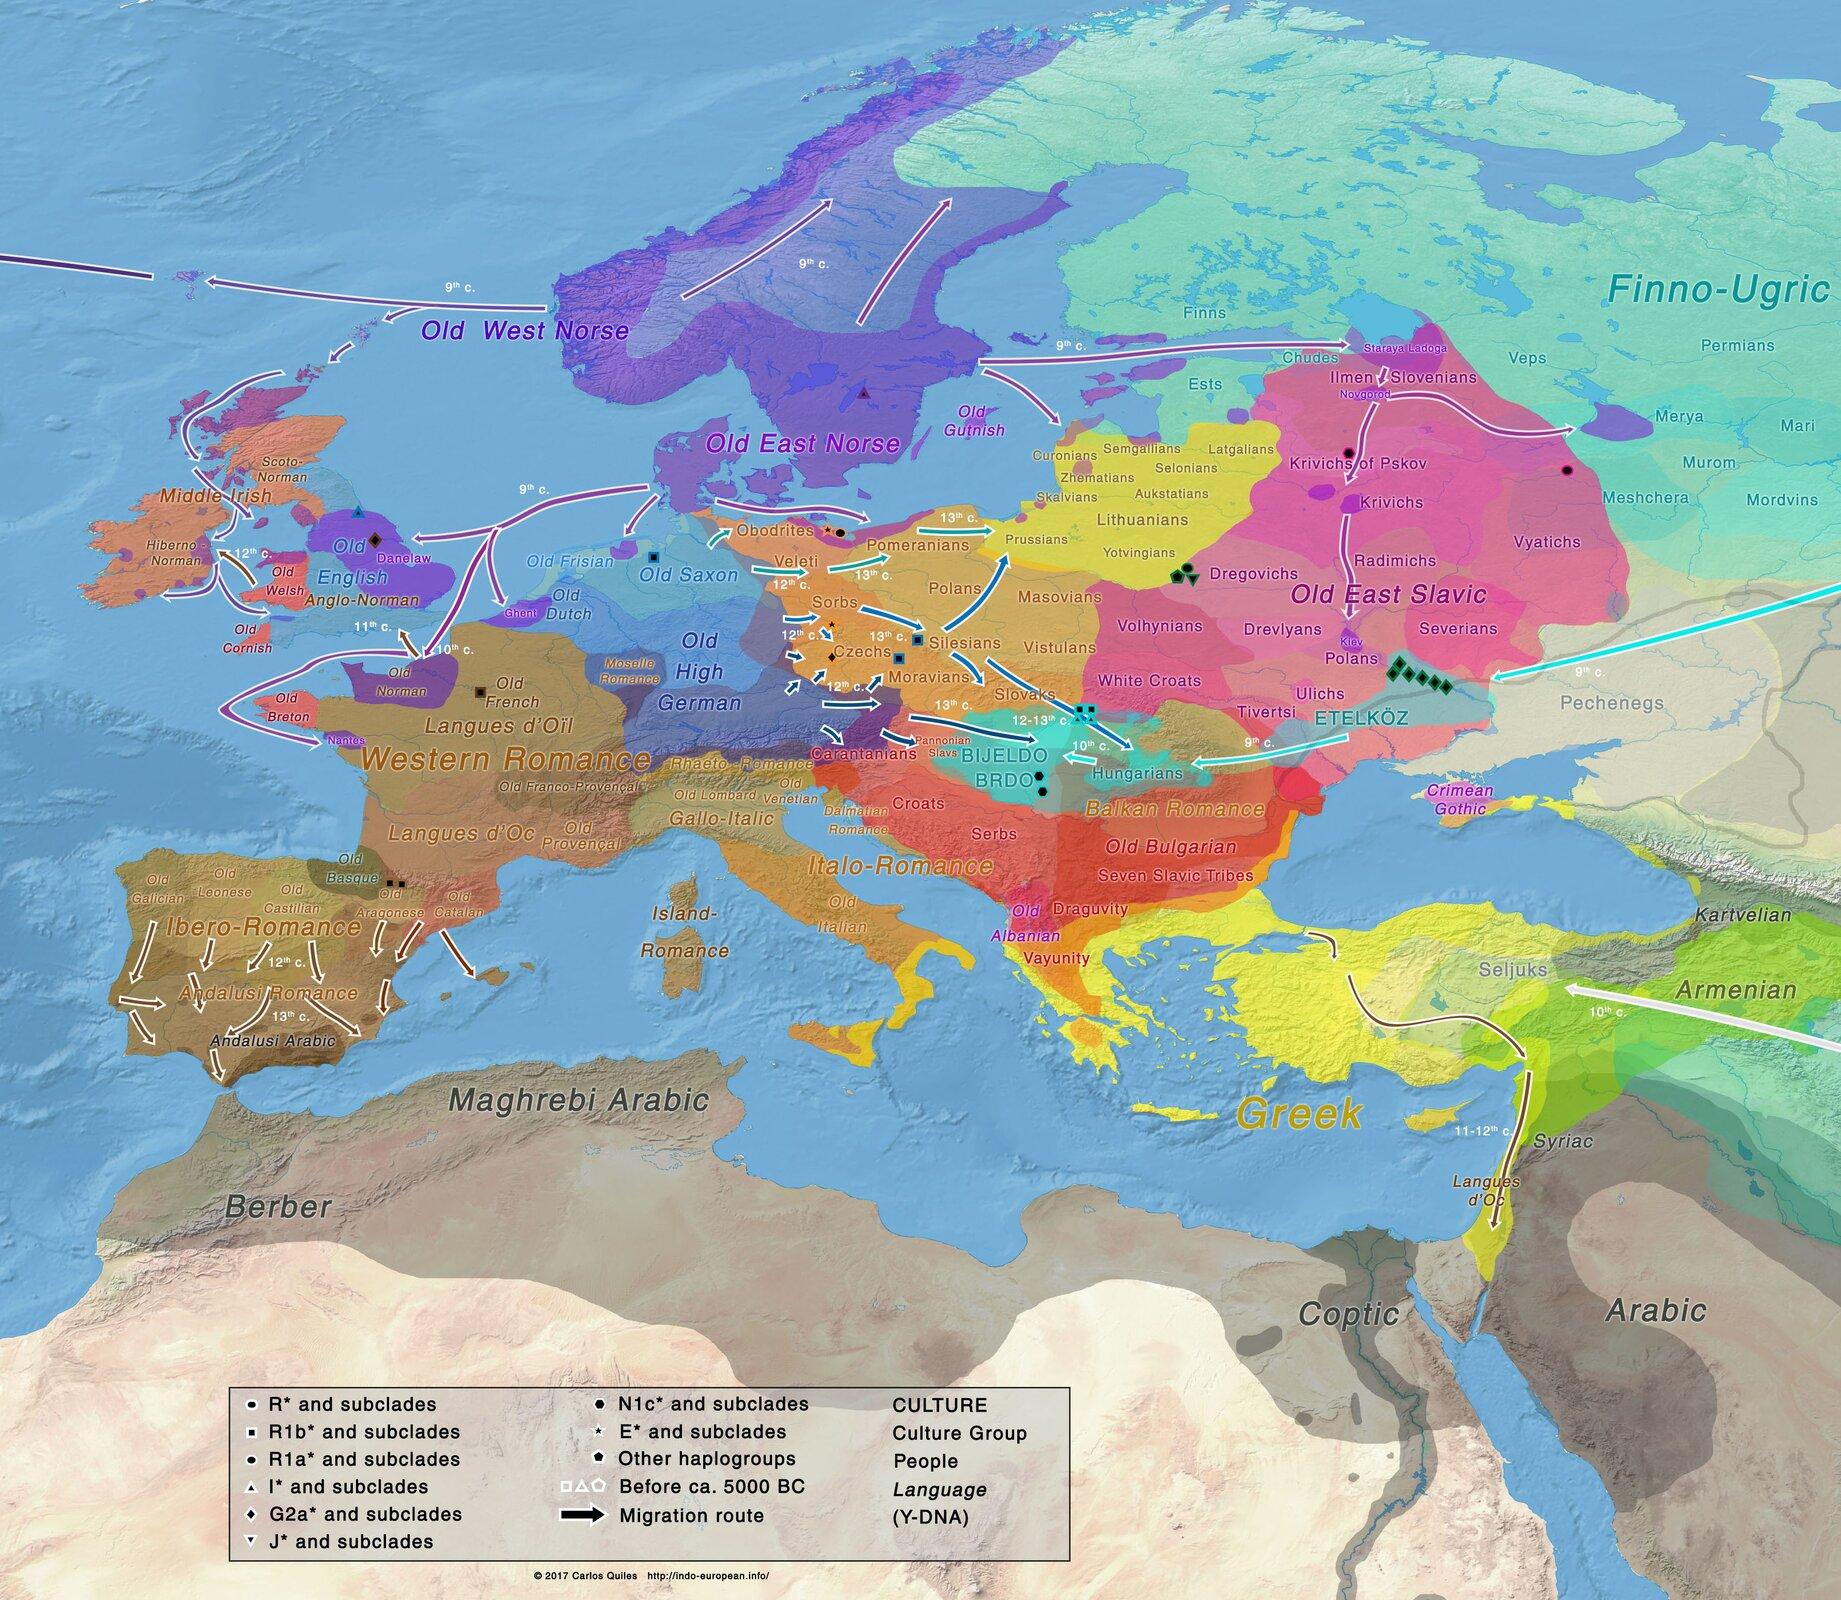 """Ilustracja nieznanego autora przedstawia mapę pod tytułem """"Terytoria indoeuropejskich najeźdźców"""". Mapa zawiera region Europy, oraz Afryki Północnej.  Na mapie naniesione są kolory: błękitny: Fragment obejmuje region Rosji, Finlandii iEstonii, fioletowy obejmuje tereny Norwegii, Szwecji, Danii. Kolor żółty obejmuje tereny Polski wschodniej, Litwy, Łotwy, oraz fragmentu Białorusi. Kolor pomarańczowy obejmuje tereny: Polski , Czech, wschodnich Niemiec, Słowacji. Kolorem blado fioletowym oznaczono tereny Niemiec, Austrii, Szwajcarii, Liechtensteinu oraz krajów Beneluxu. Kolorem brązowym oznaczono kraje Francji, Monako, Andory, Hiszpanii, Portugalii iWłoch. Kolorami fioletowymi iblado różowymi oznaczono tereny Wielkiej Brytanii iIrlandii Północnej. Kolorem ciemno błękitnym iczerwonym oznaczono tereny krajów bałkańskich, zaś kolorem żółtym iblado zielonym tereny Grecji, Turcji, oraz państw Azji mniejszej. Kolorem szarym oznaczono kraje północnoafrykańskie."""